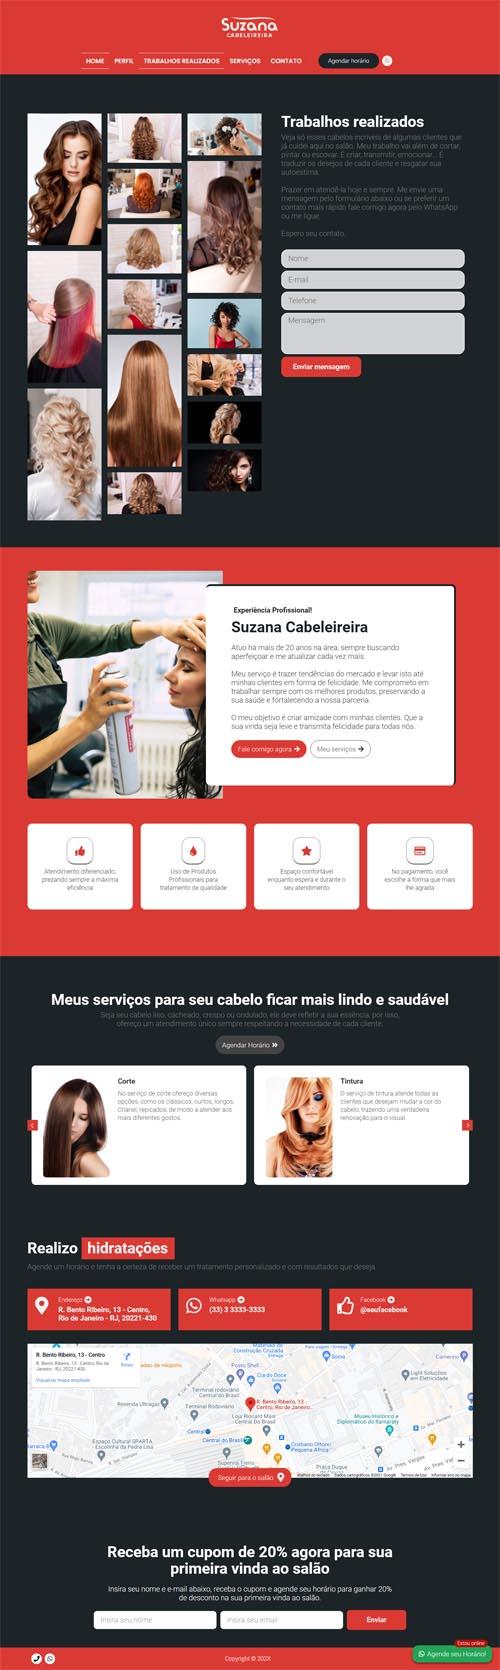 Página inicial modelo Suzana - Site para cabeleireiros, depiladores, manicures, pedicures, barbeiros, salão de beleza e barbearias